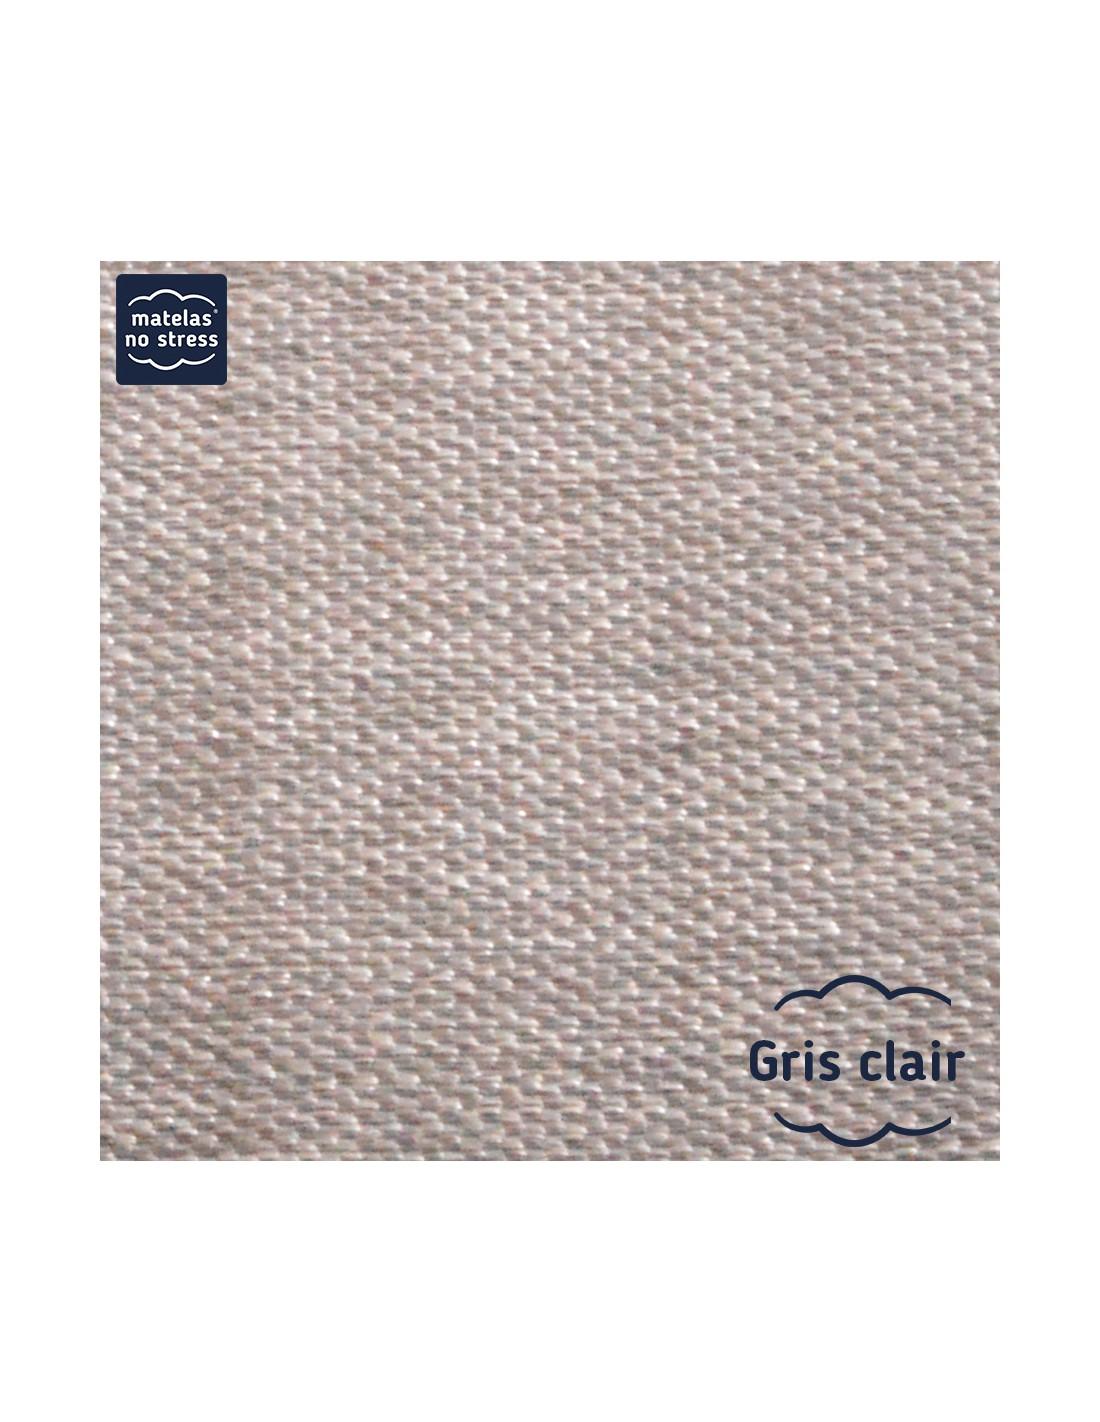 sommier 100x190 tissu d co dimension du sommier d co 100x190 coloris tissu gris clair. Black Bedroom Furniture Sets. Home Design Ideas